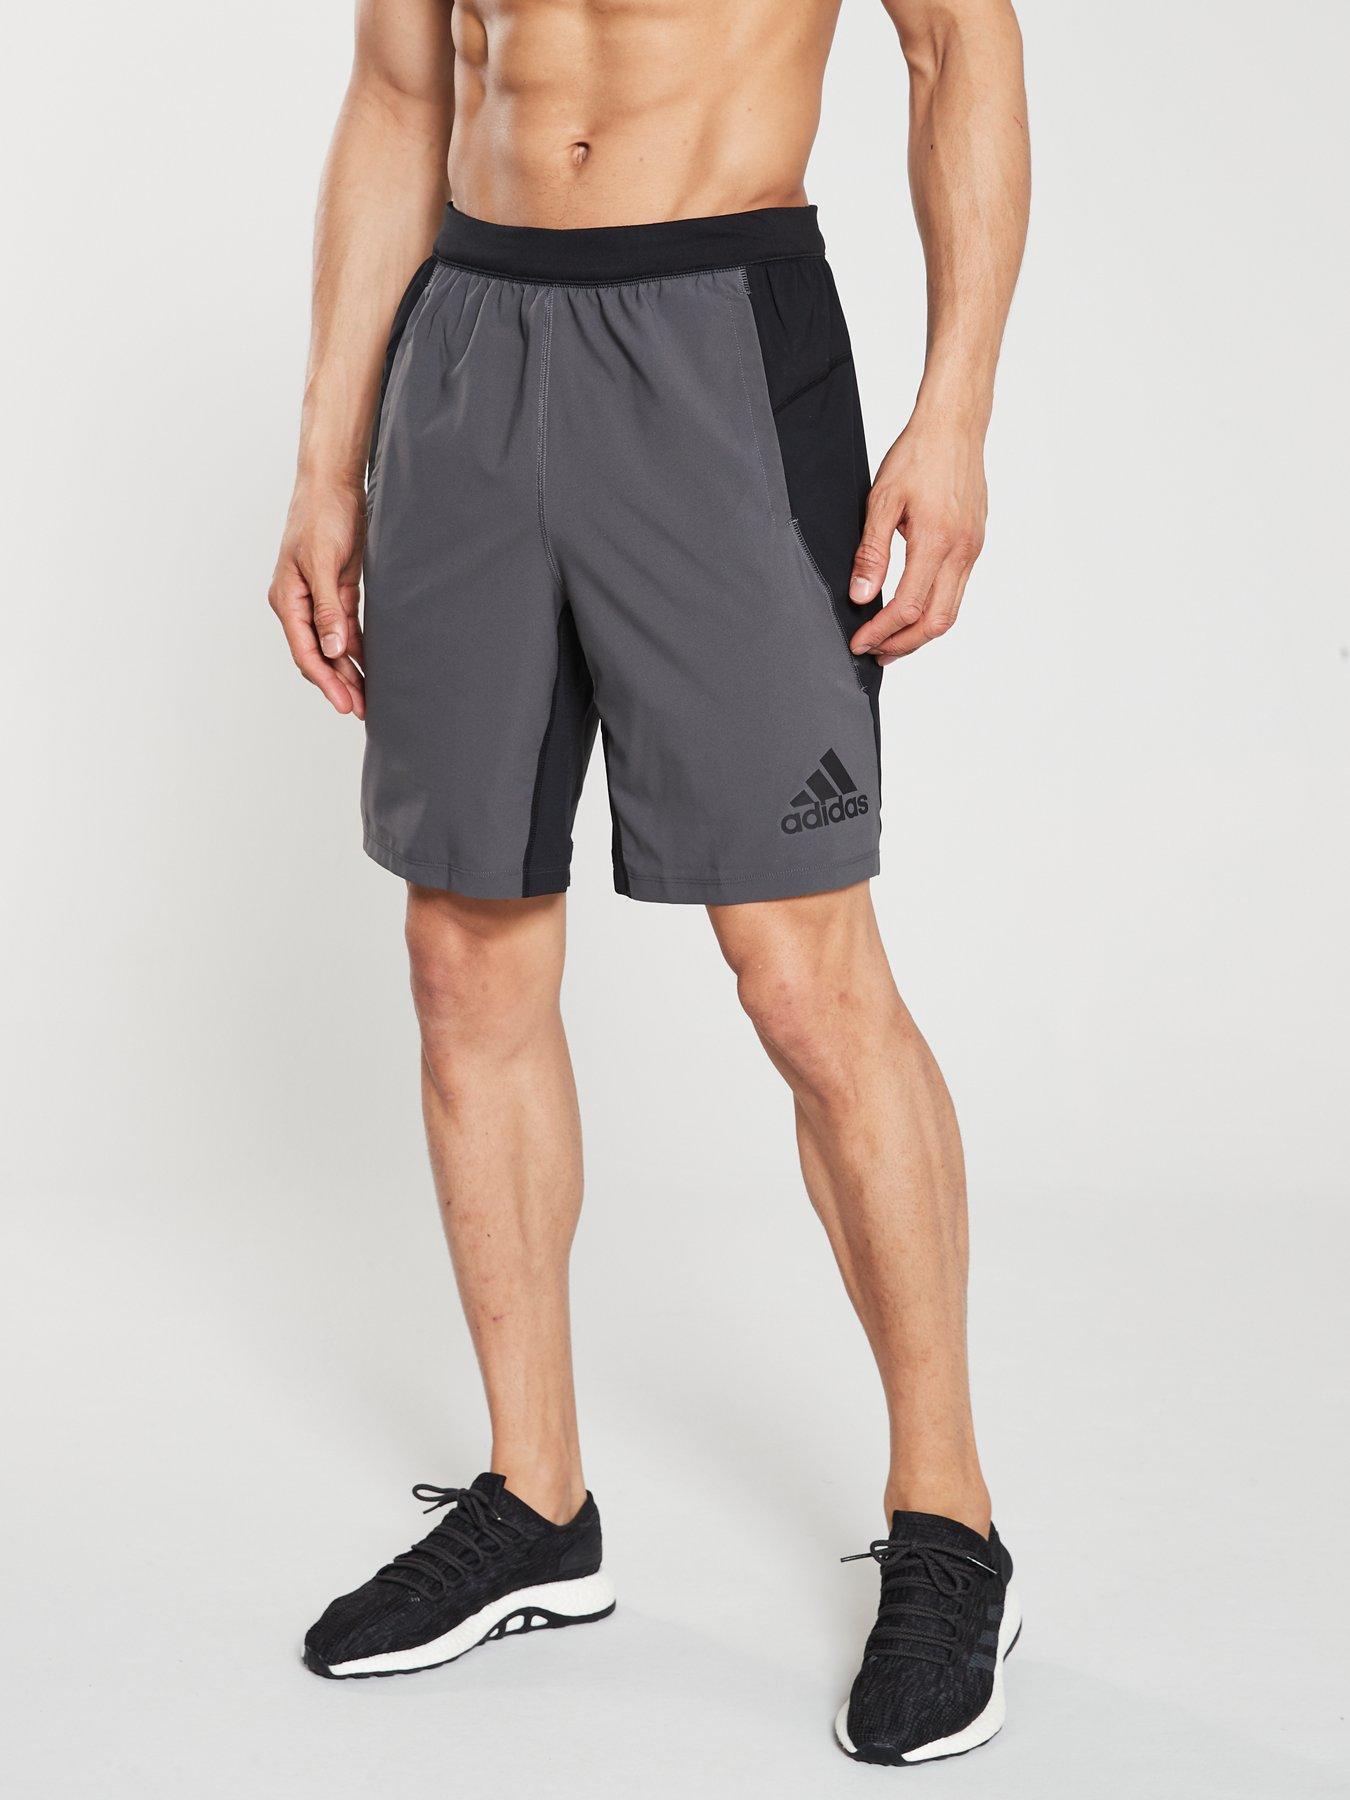 adidas Shorts | Mens adidas Shorts | Very.co.uk